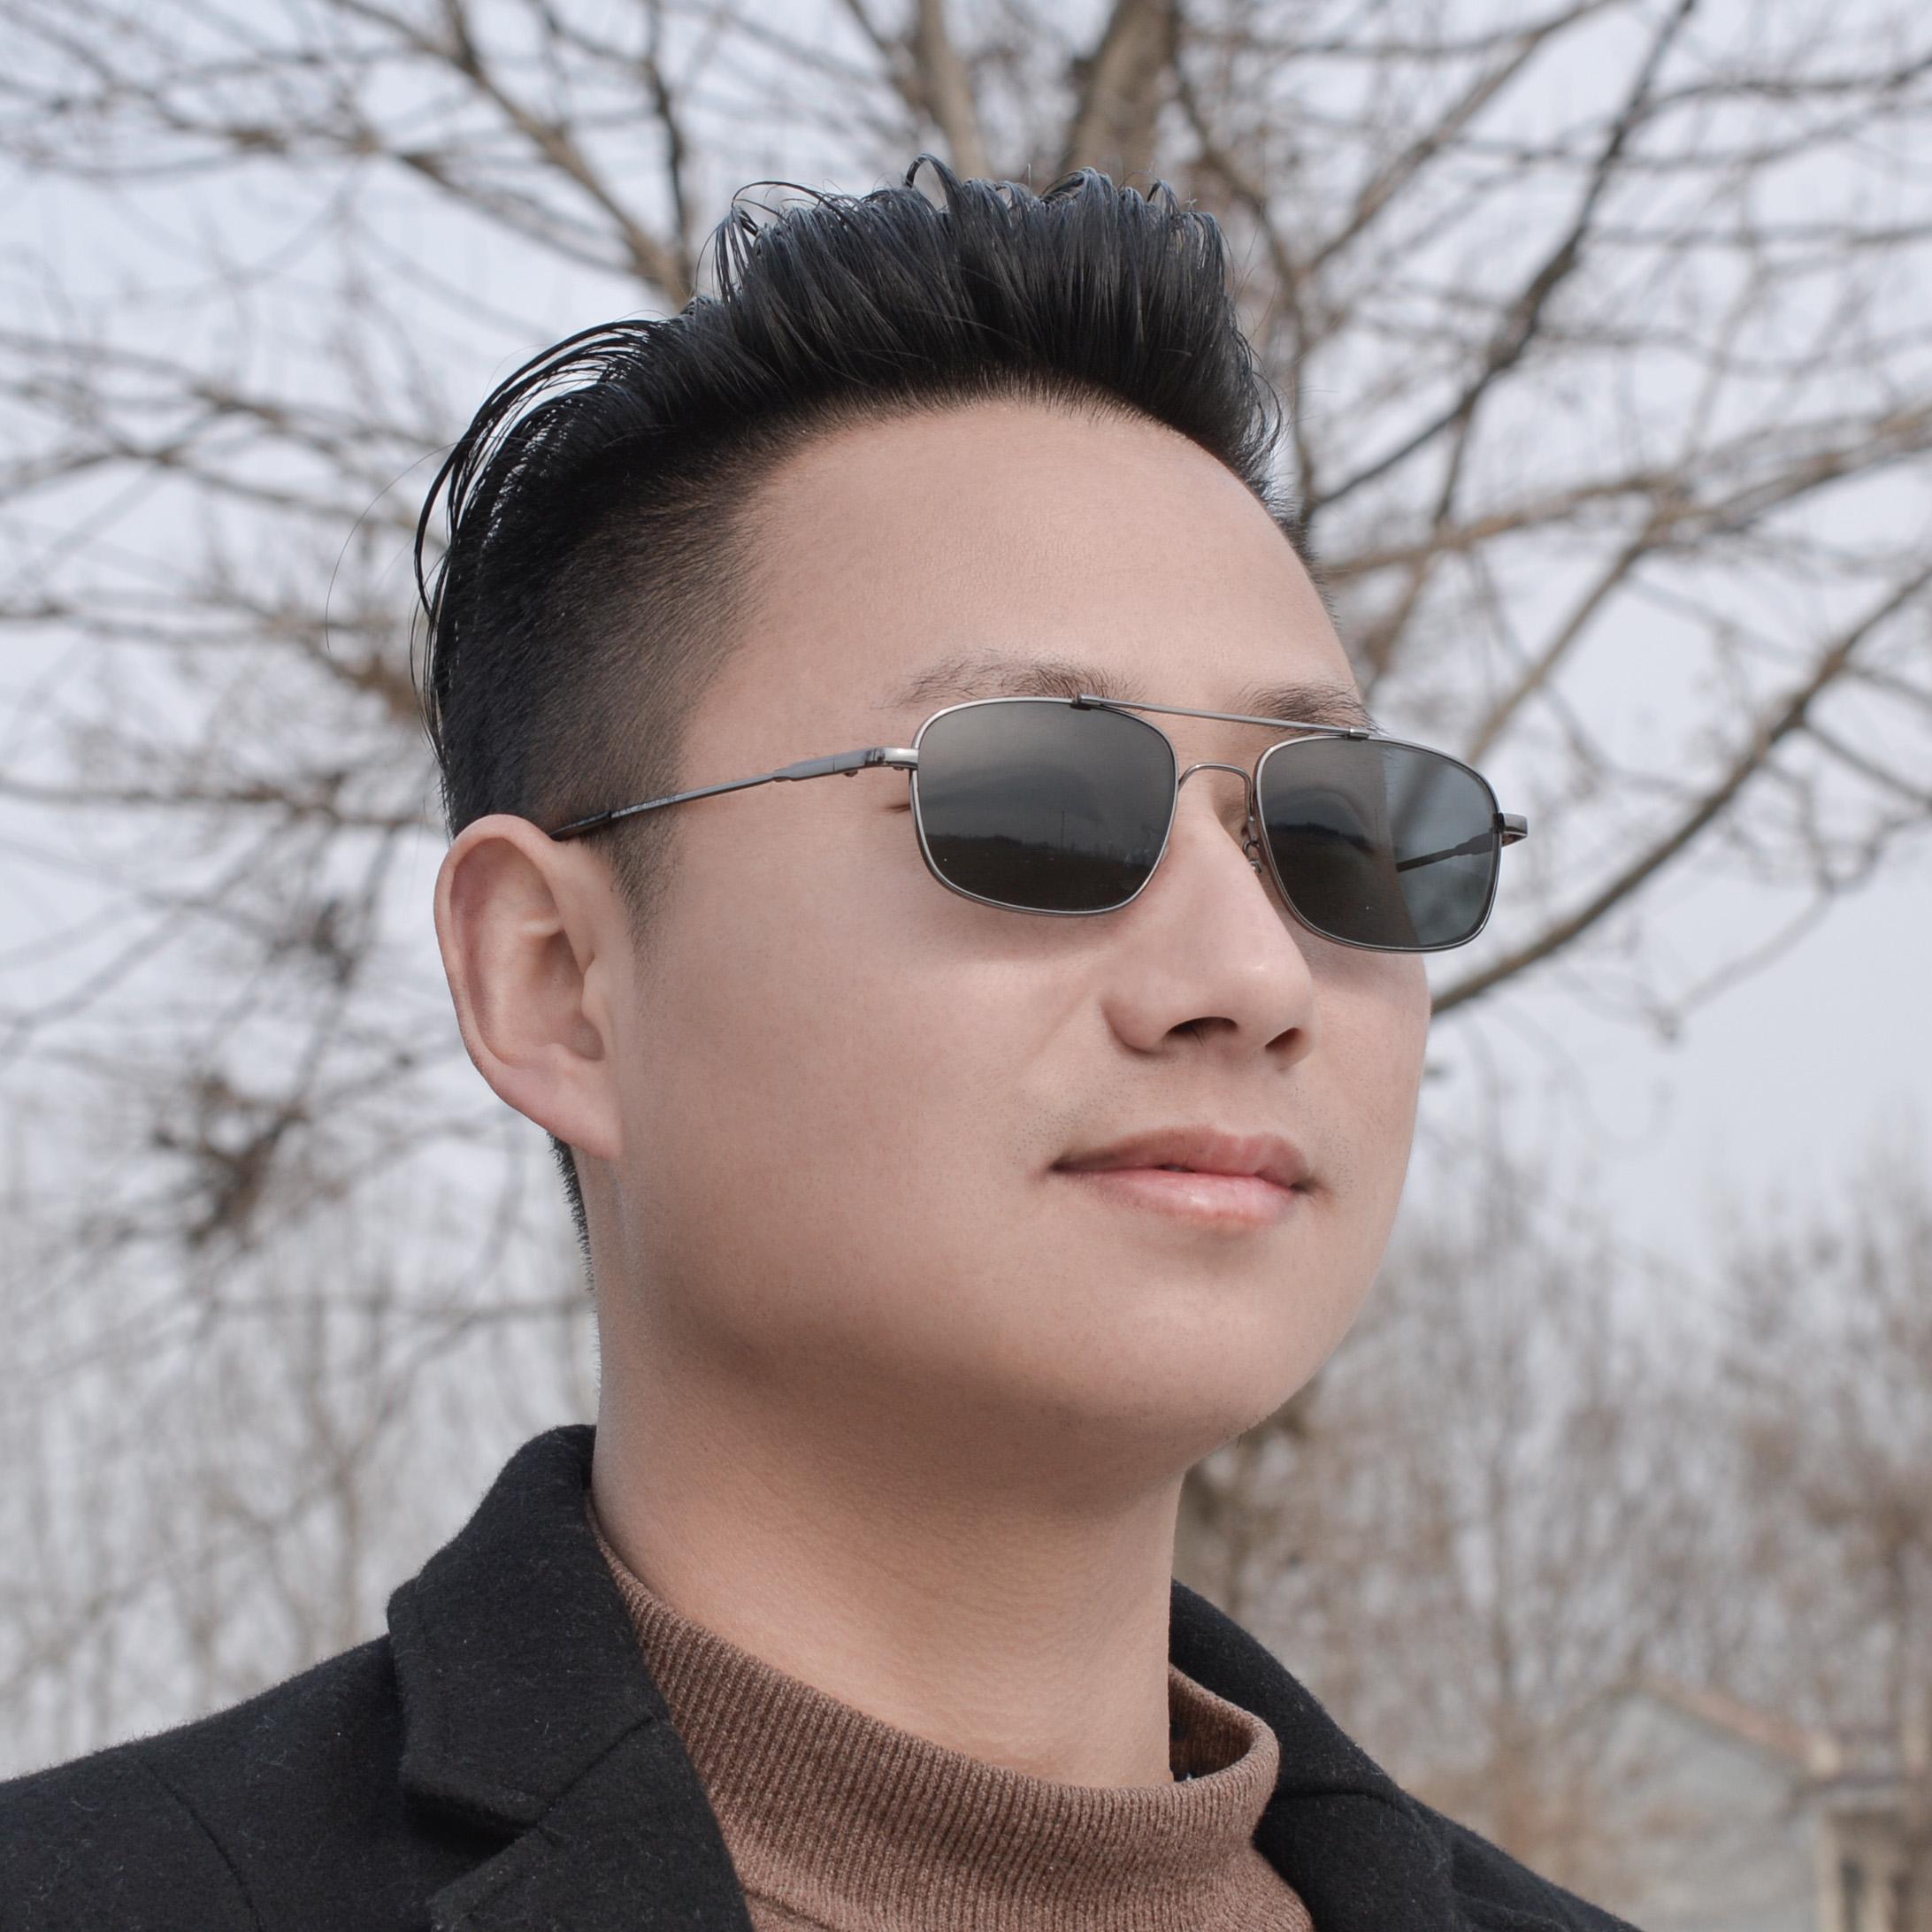 墨镜记忆太阳镜偏光太阳眼镜男款全框偏光深灰色镜片帅近视太阳镜